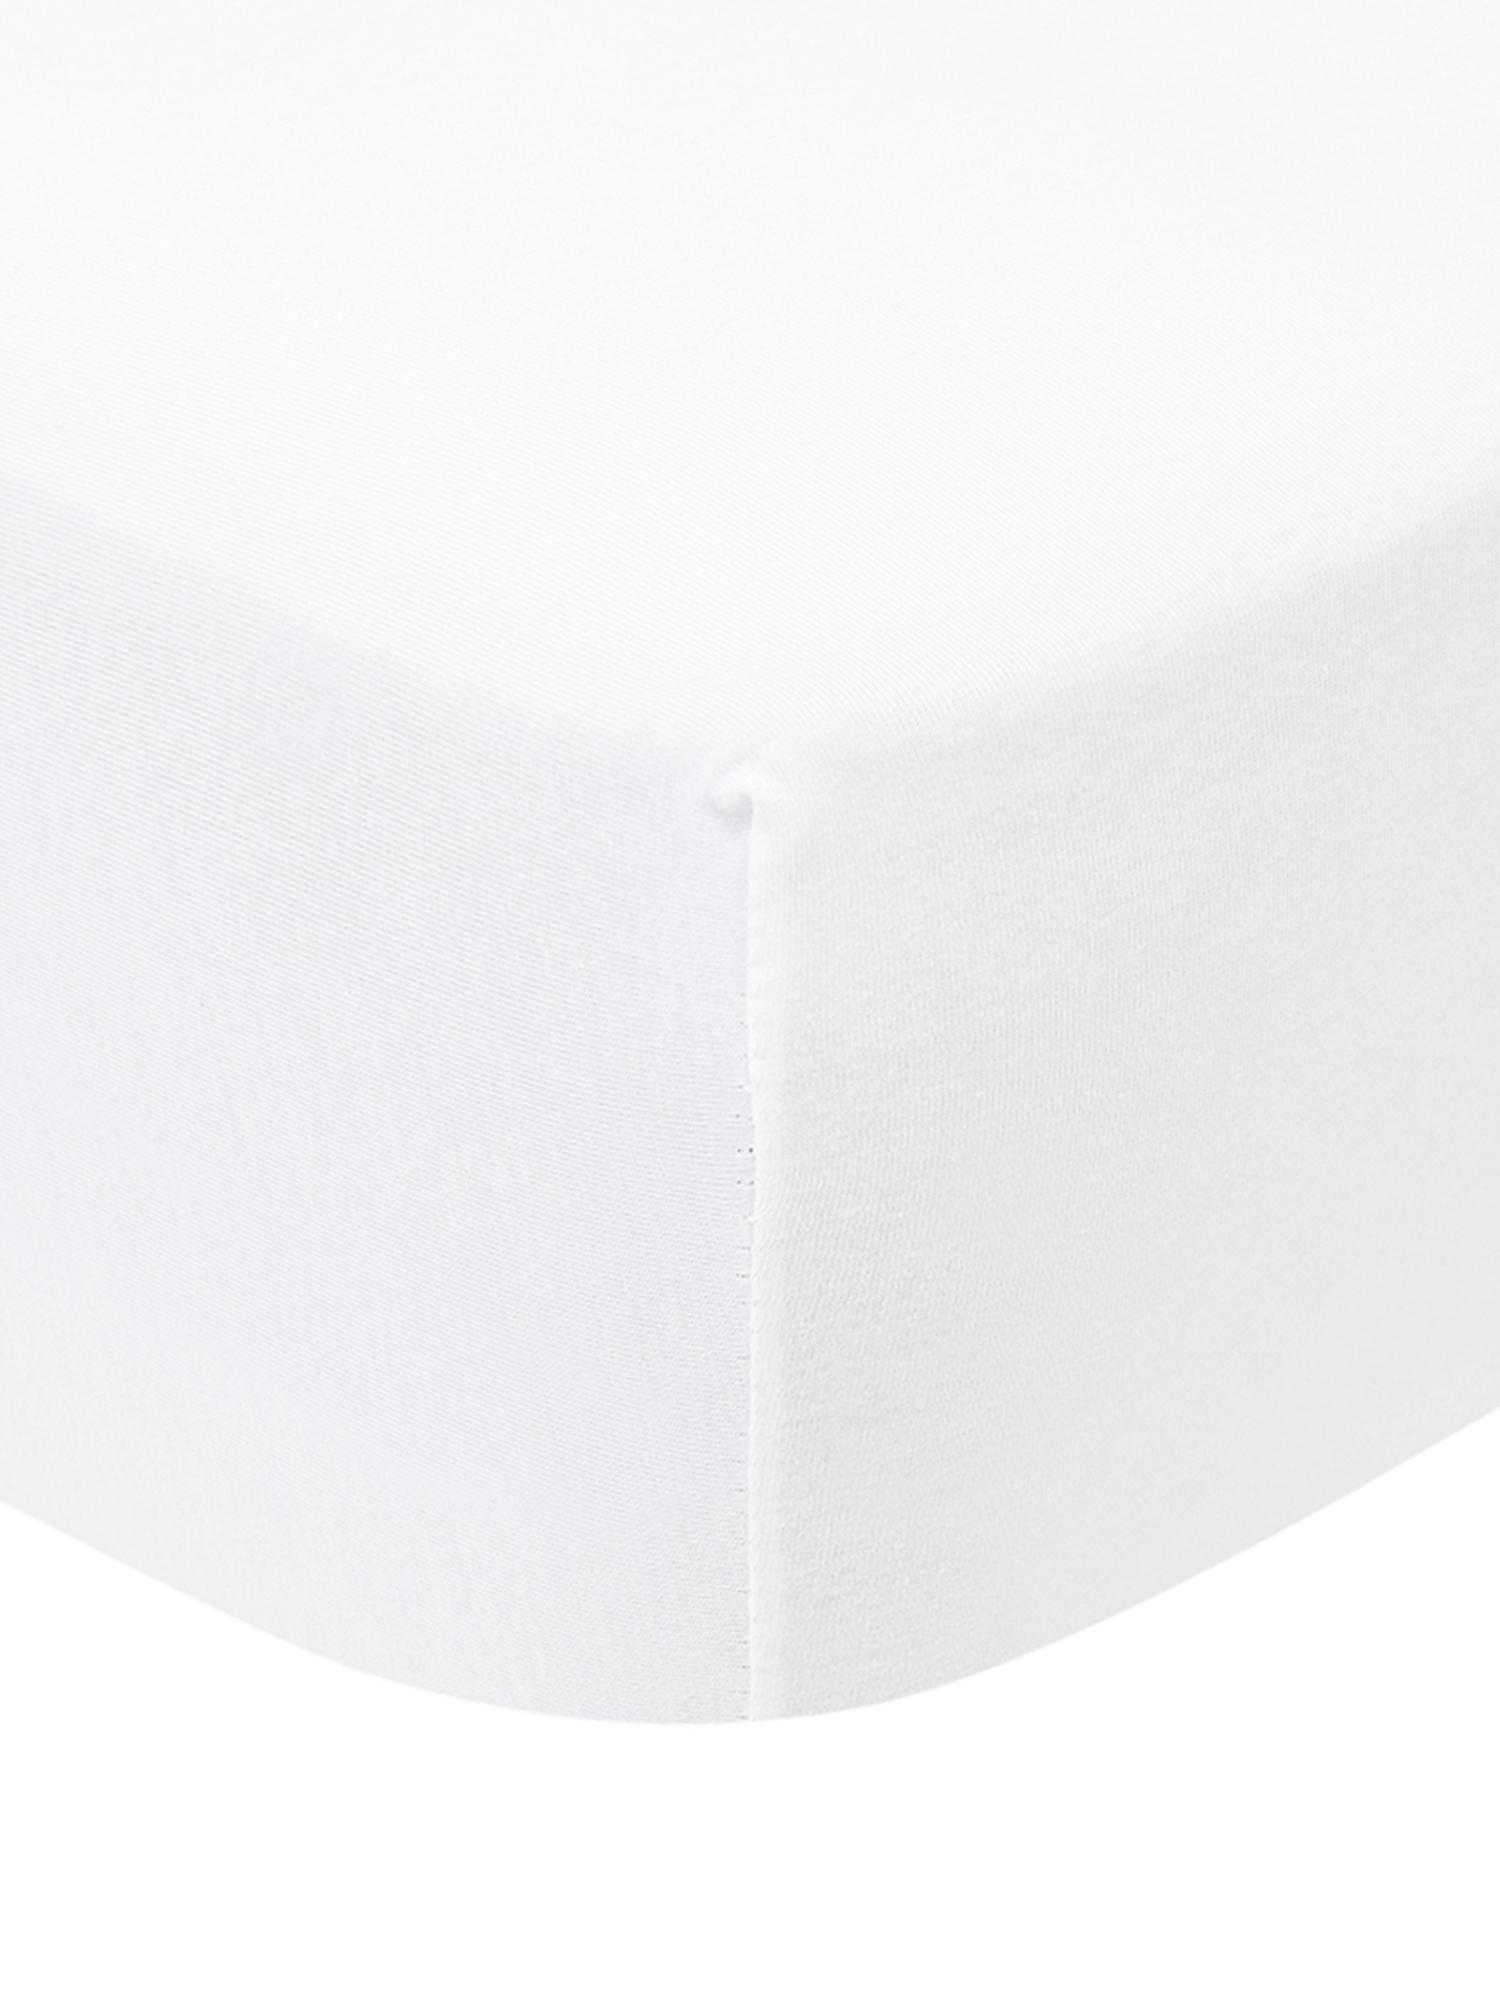 Jersey topper hoeslaken Lara, 95% katoen, 5% elastaan, Wit, 90 x 200 cm